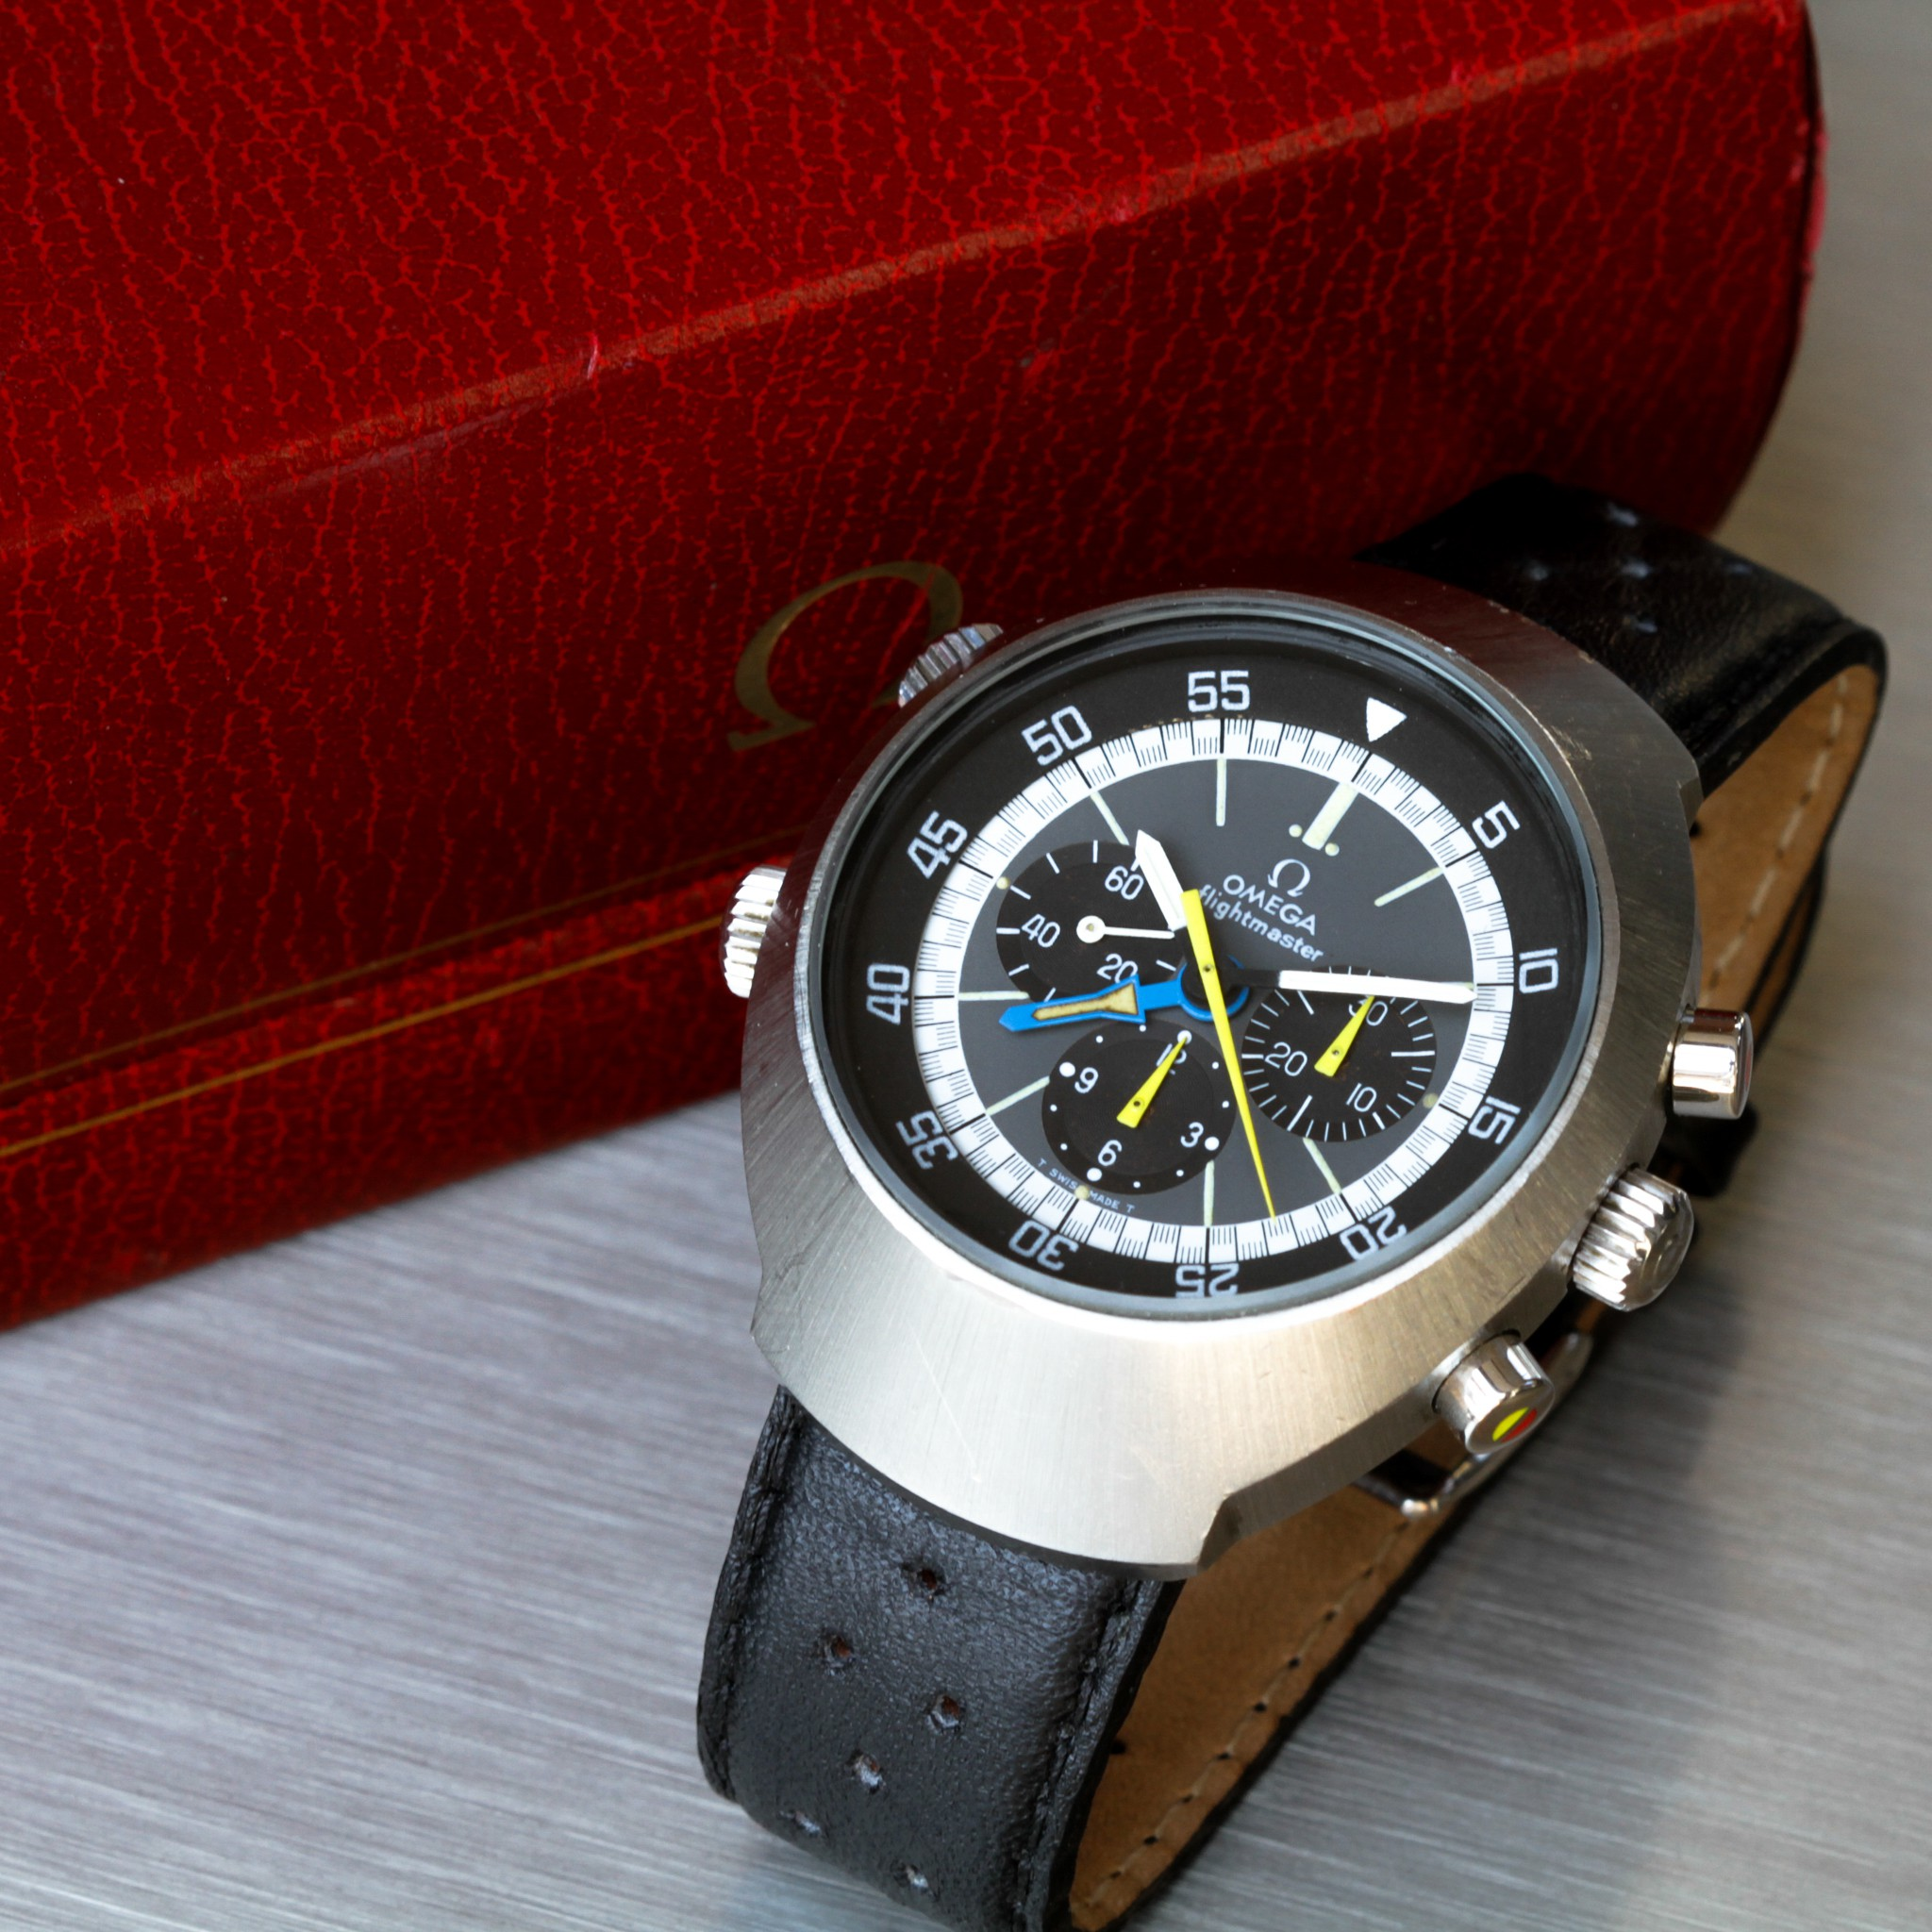 1972 Omega Flightmaster 145.026